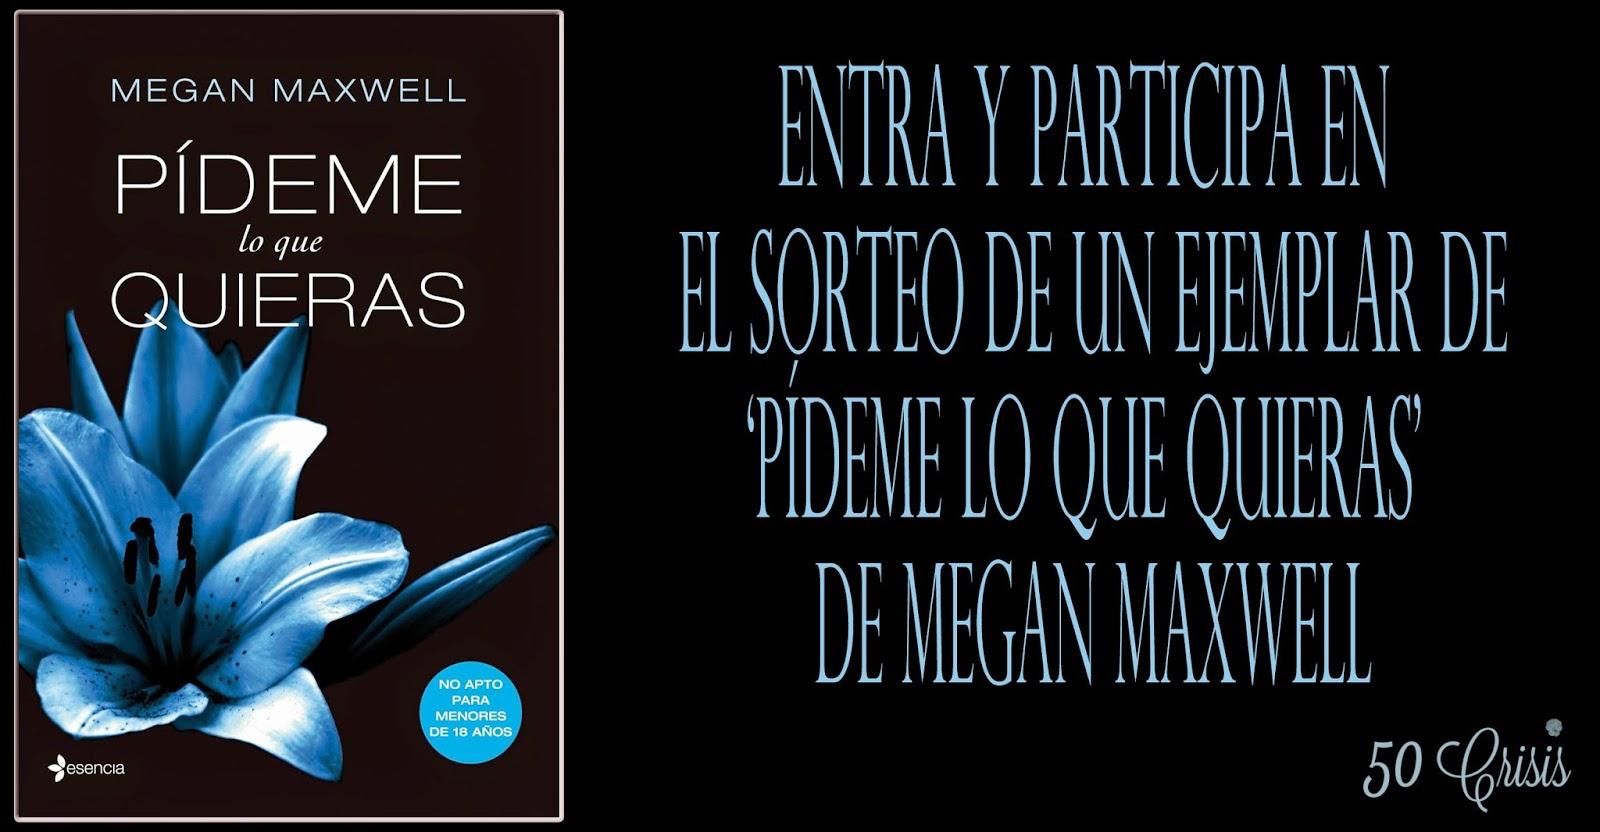 http://50crisis.blogspot.com.es/2015/02/mama-quiero-ser-escritor-megan-maxwell.html